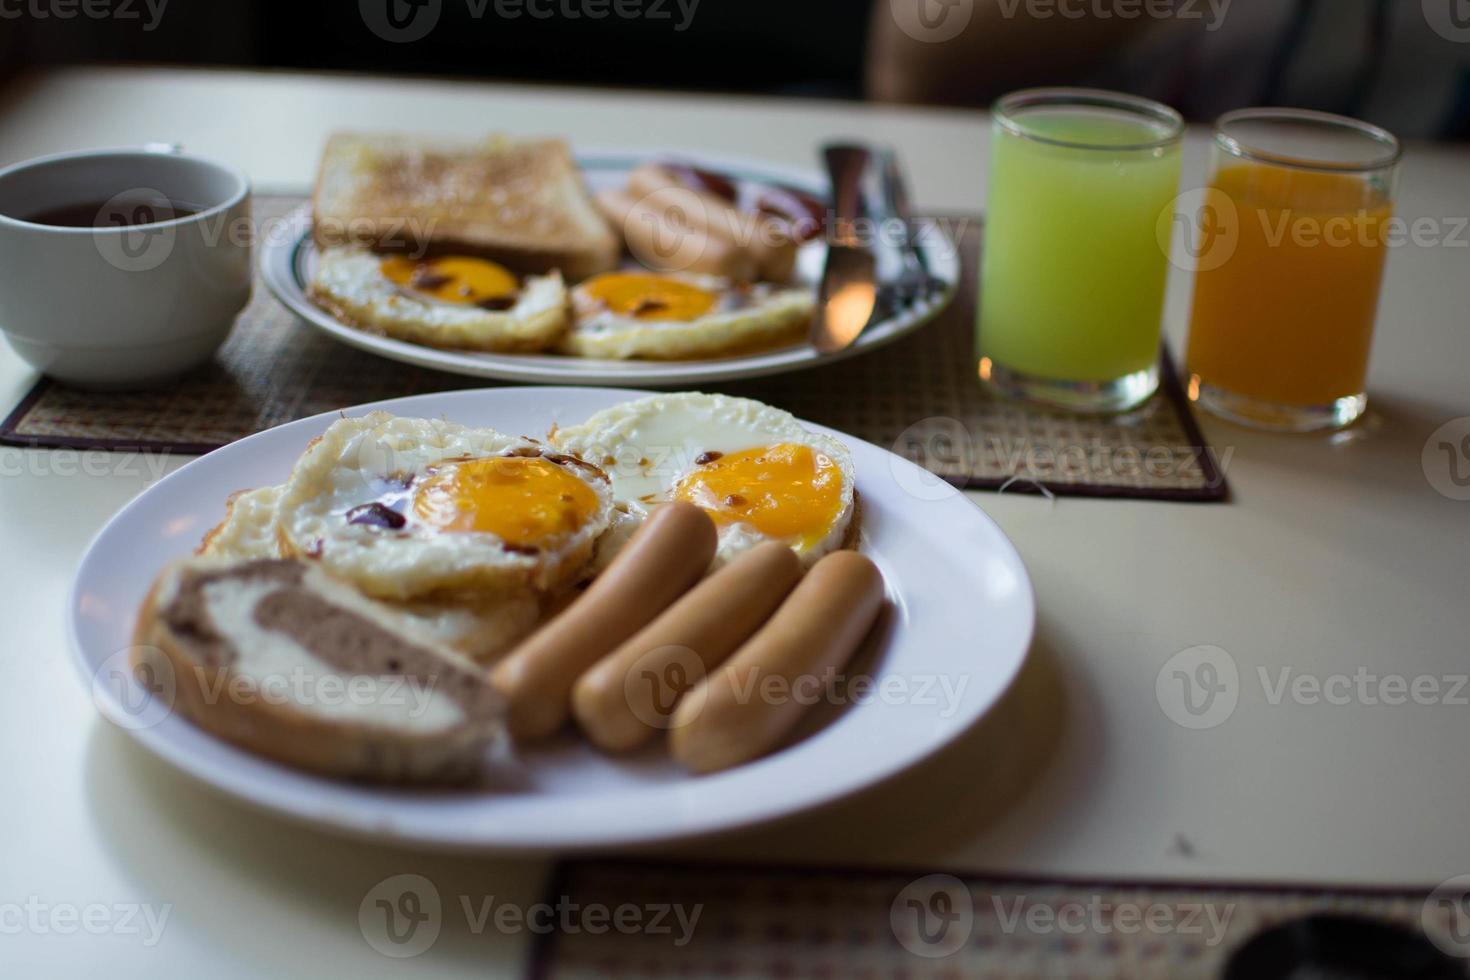 Frühstück Speisen und Getränke foto